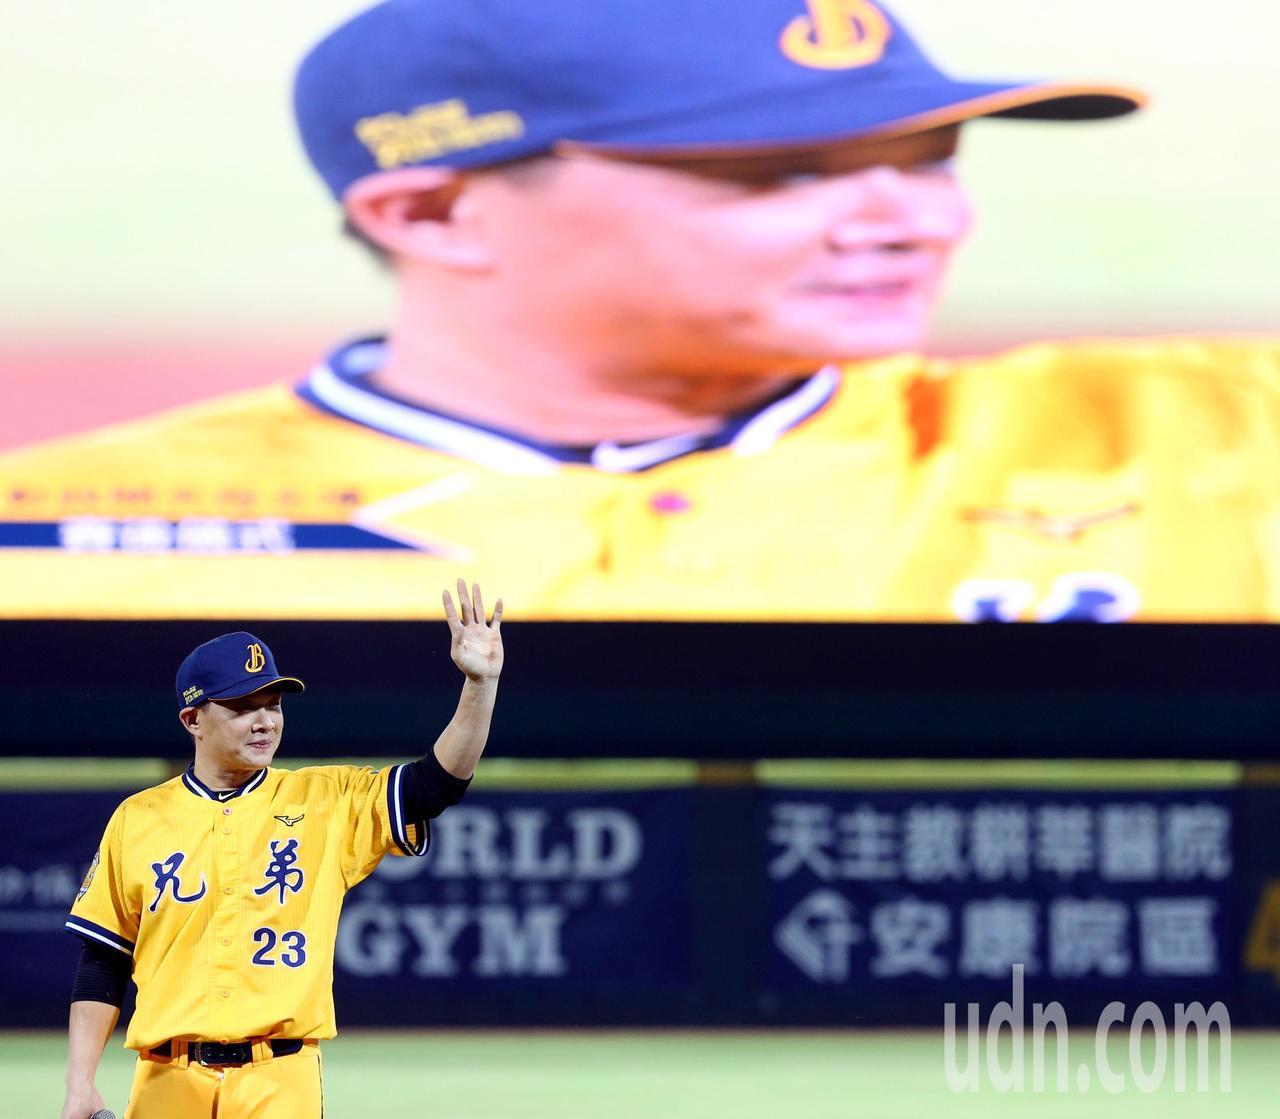 中信兄弟「恰恰」彭政閔昨天打完球員生涯於天母球場的最終戰,賽後發表感言揮手向球迷...